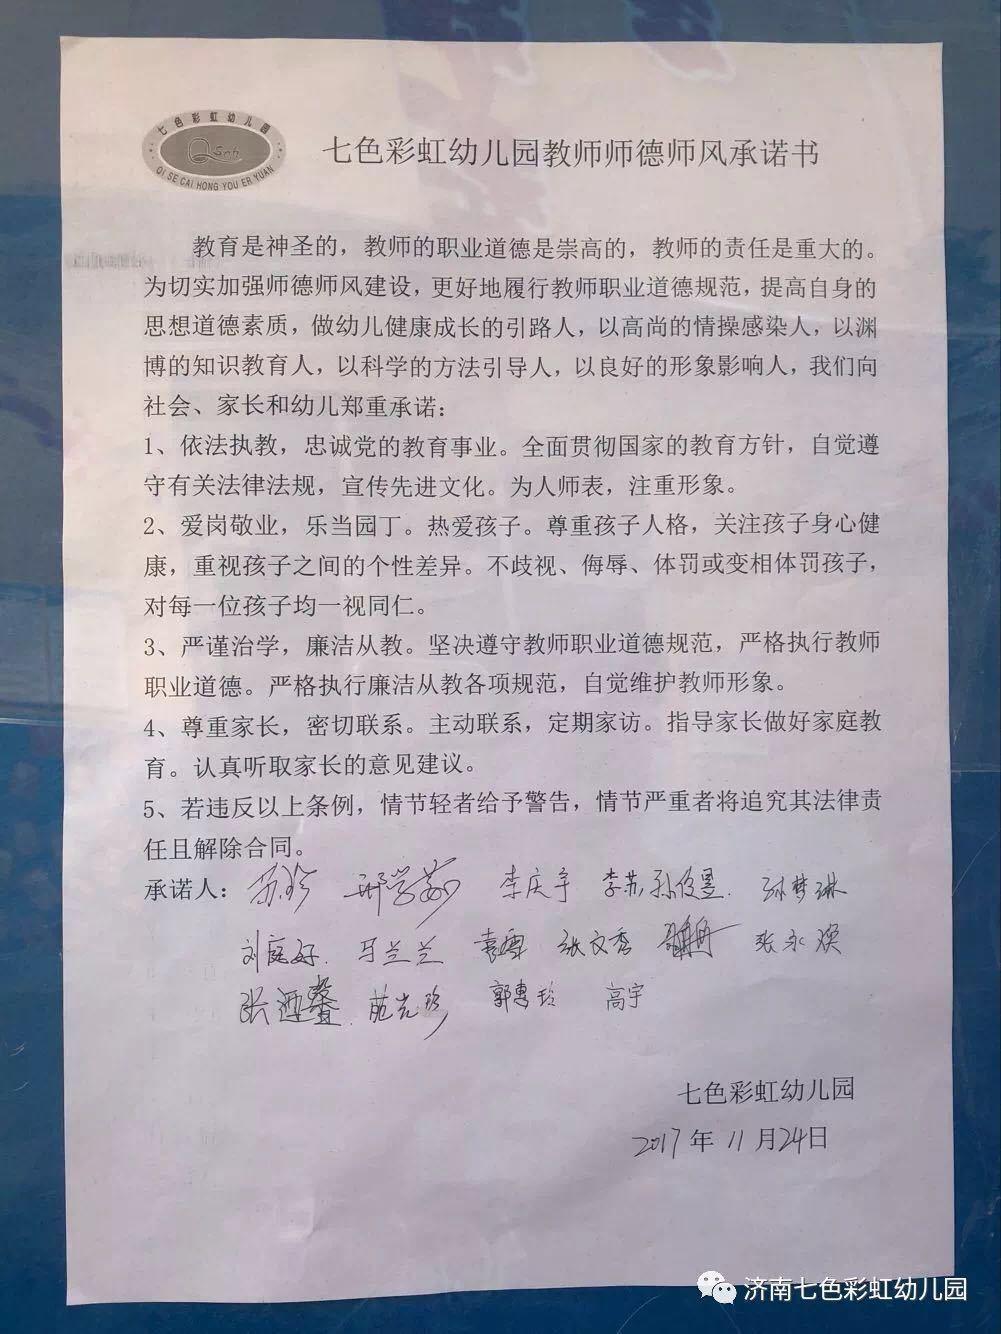 幼儿师德承诺书_济南一幼儿园被曝针扎儿童 幼儿园:放假一周 落实监控